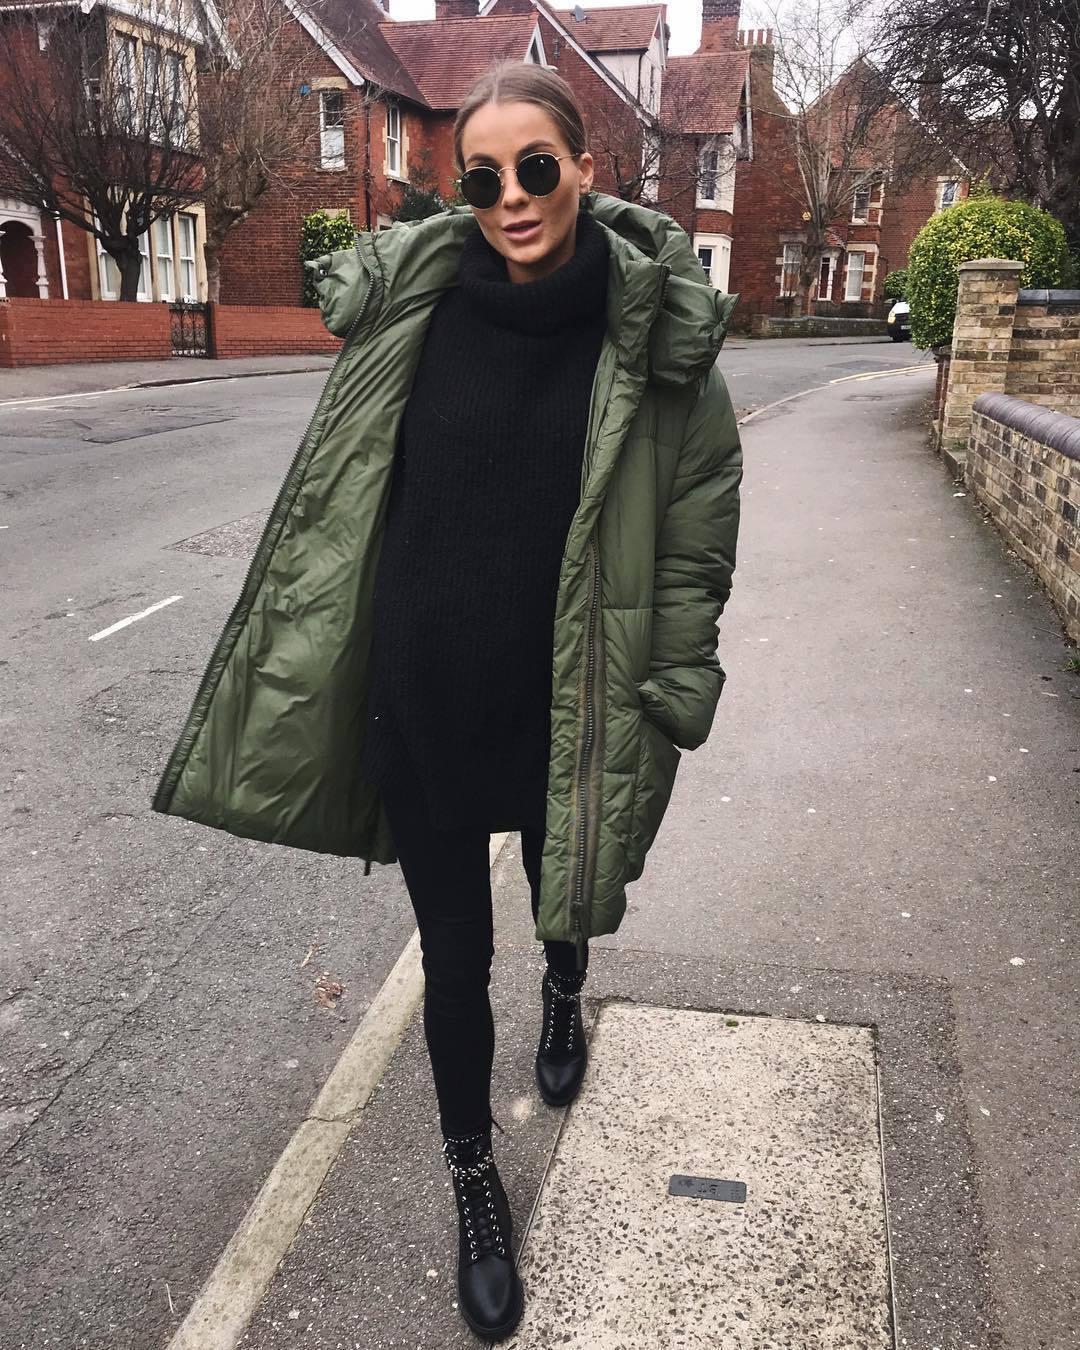 sweater turtleneck sweater zara oversized turtleneck sweater black boots black skinny jeans green jacket puffer jacket